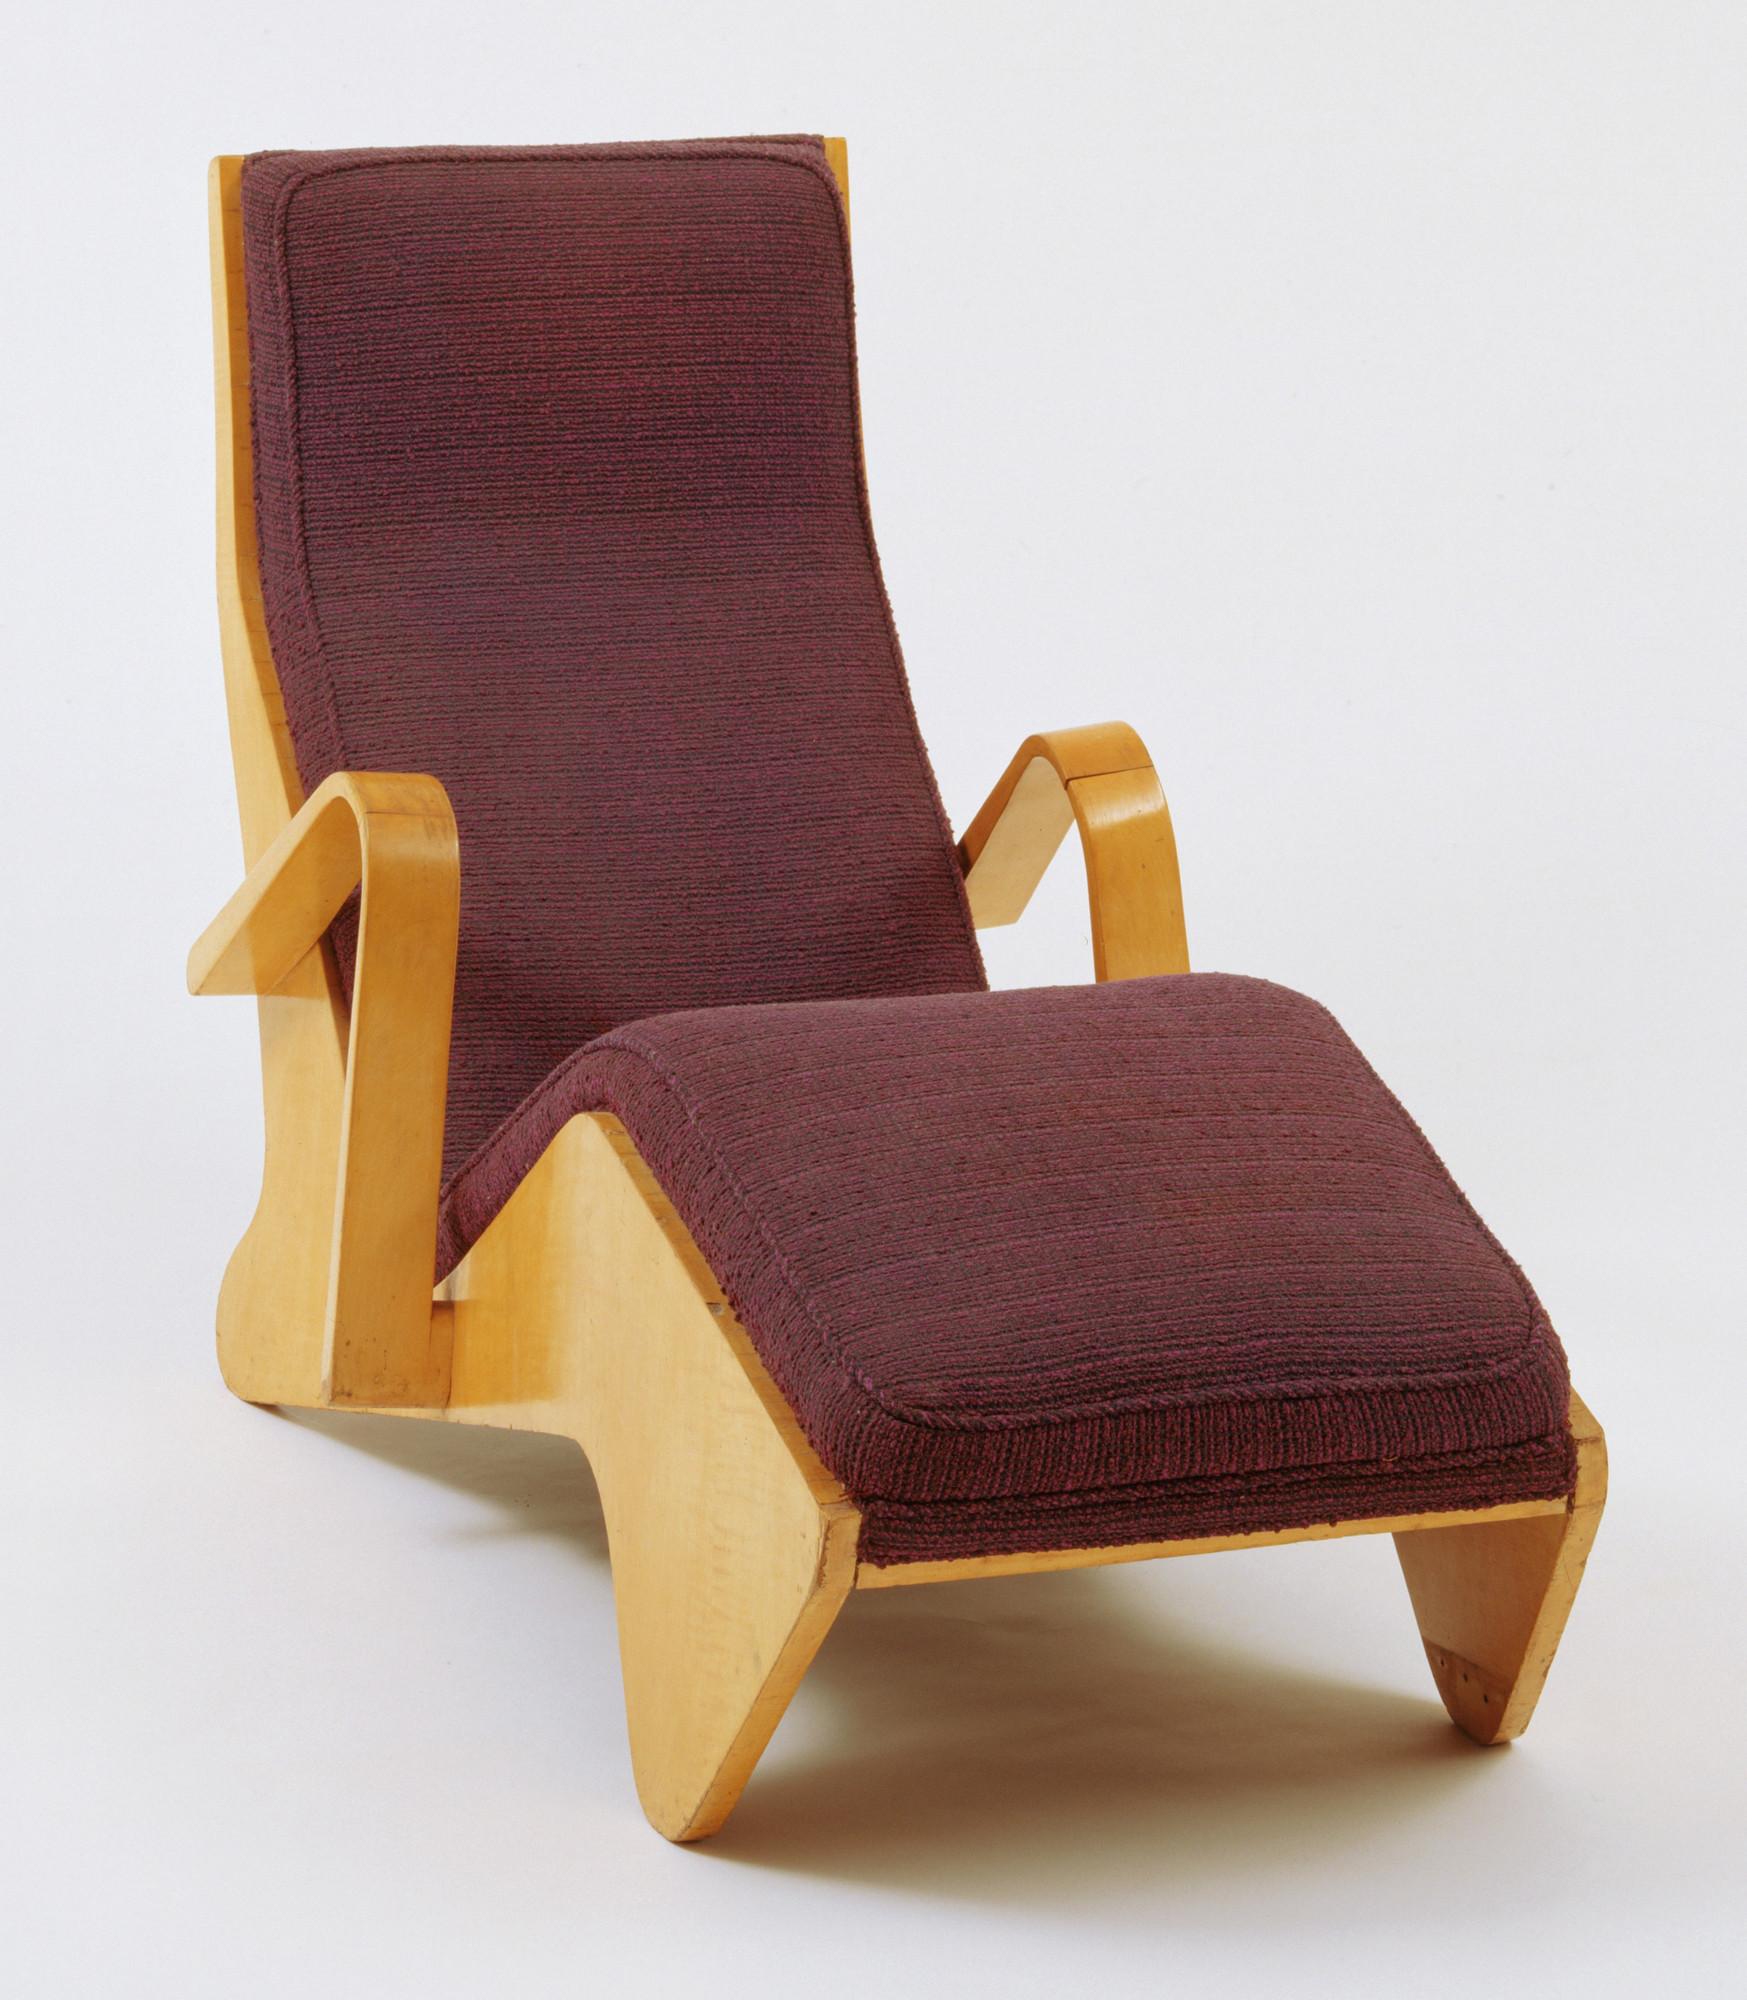 Marcel Breuer Chaise Longue 1938